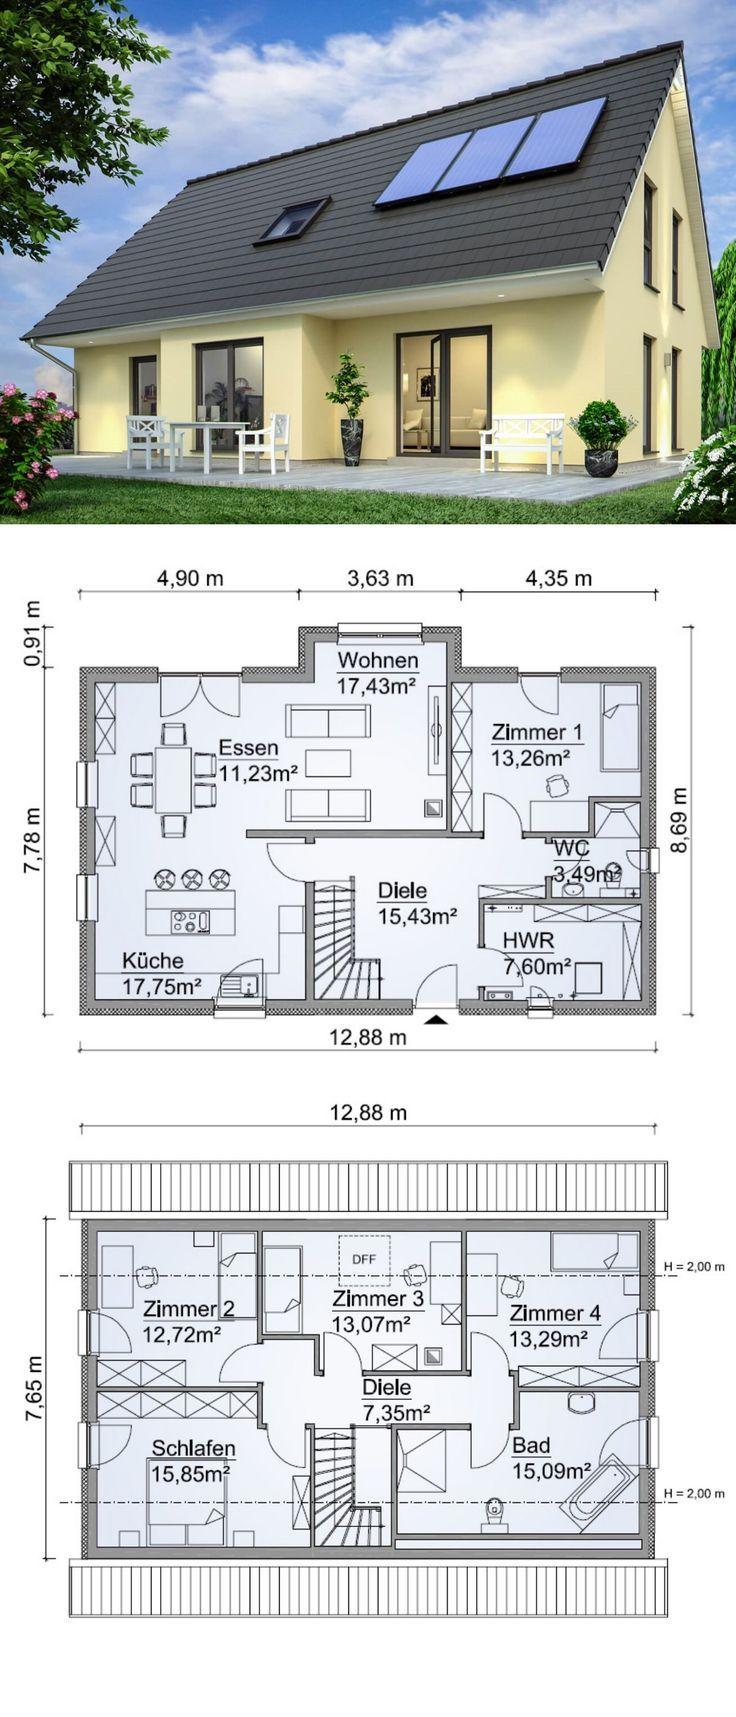 Modernes Einfamilienhaus mit Satteldach Architektur & Grundriss mit Erker Anbau … – Einfamilienhaus – Ideen & Grundrisse